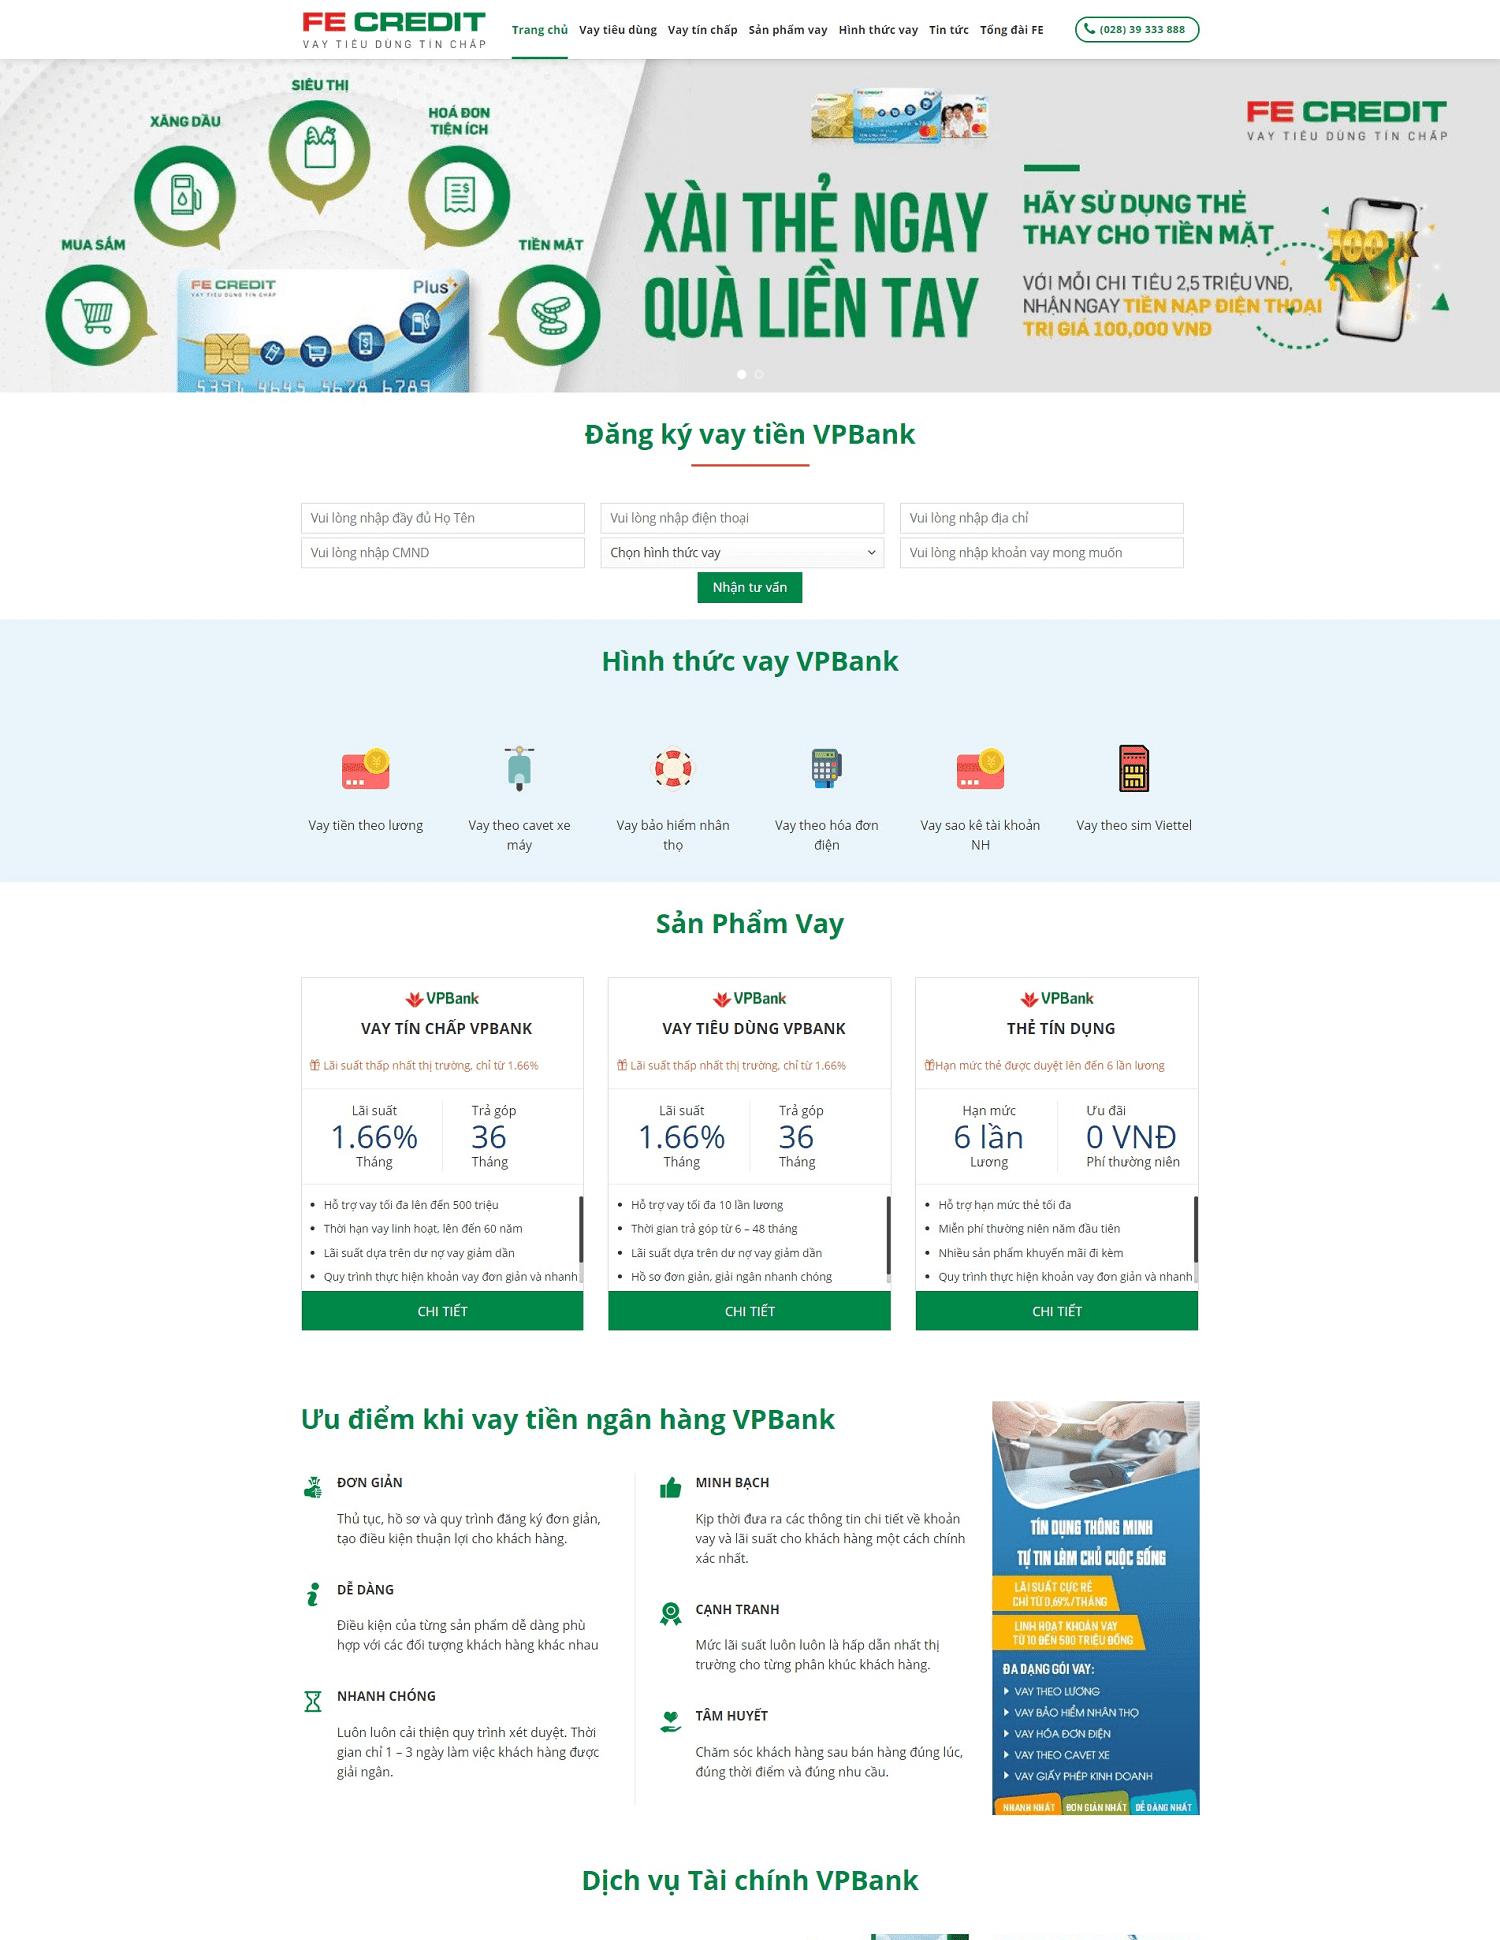 Giao diện blogspot landing page vay vốn tiêu dùng tín chấp